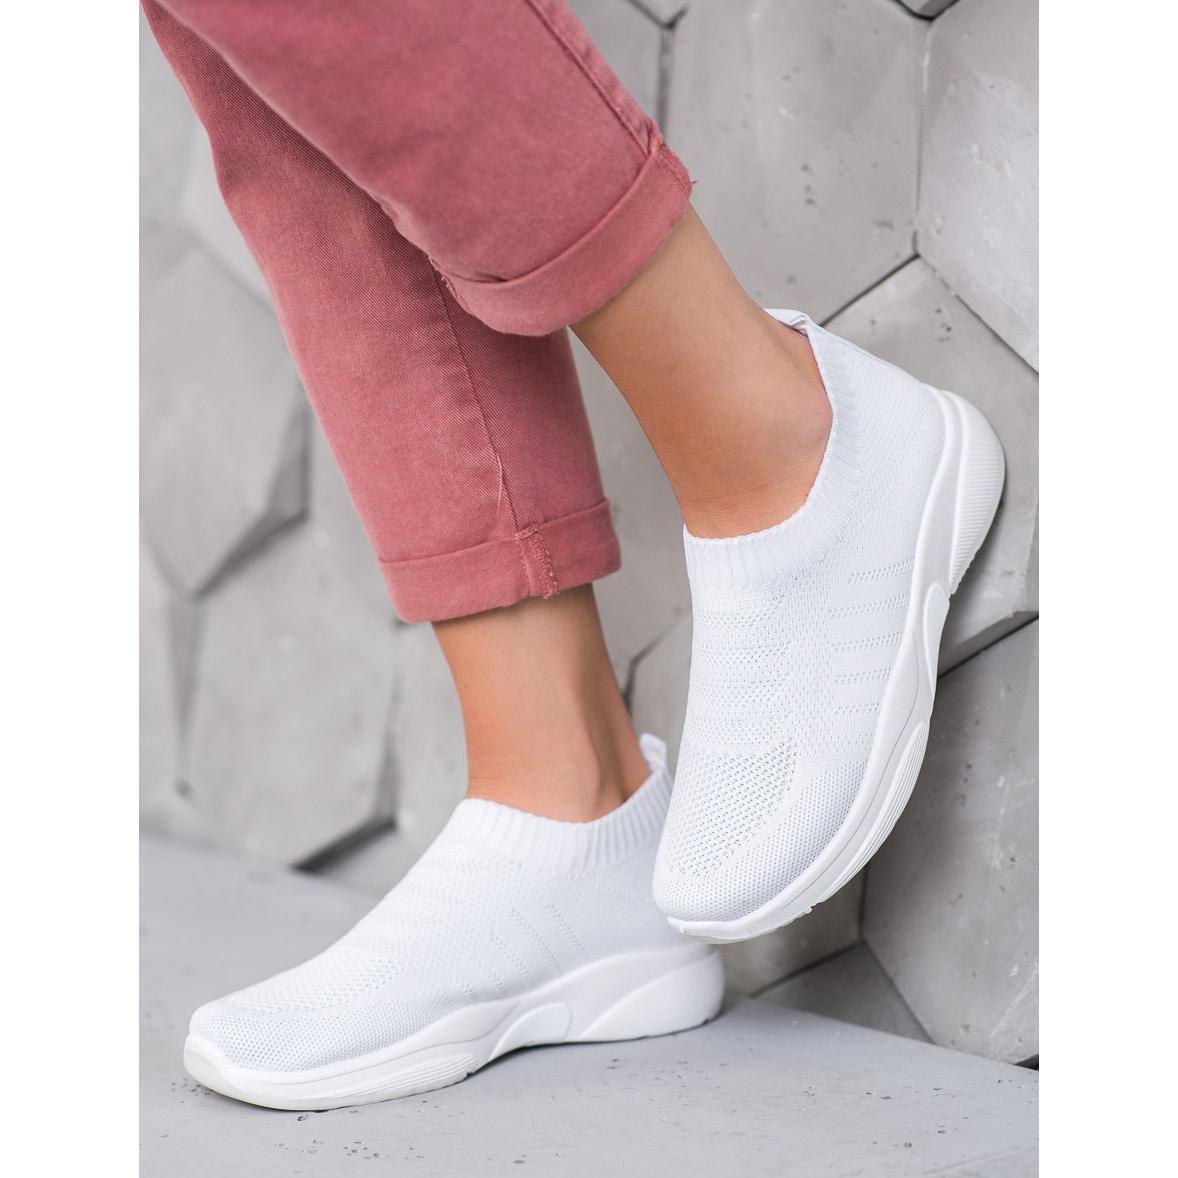 Sweet-Shoes-Zapatillas-de-plataforma-comodas-blanco miniatura 3